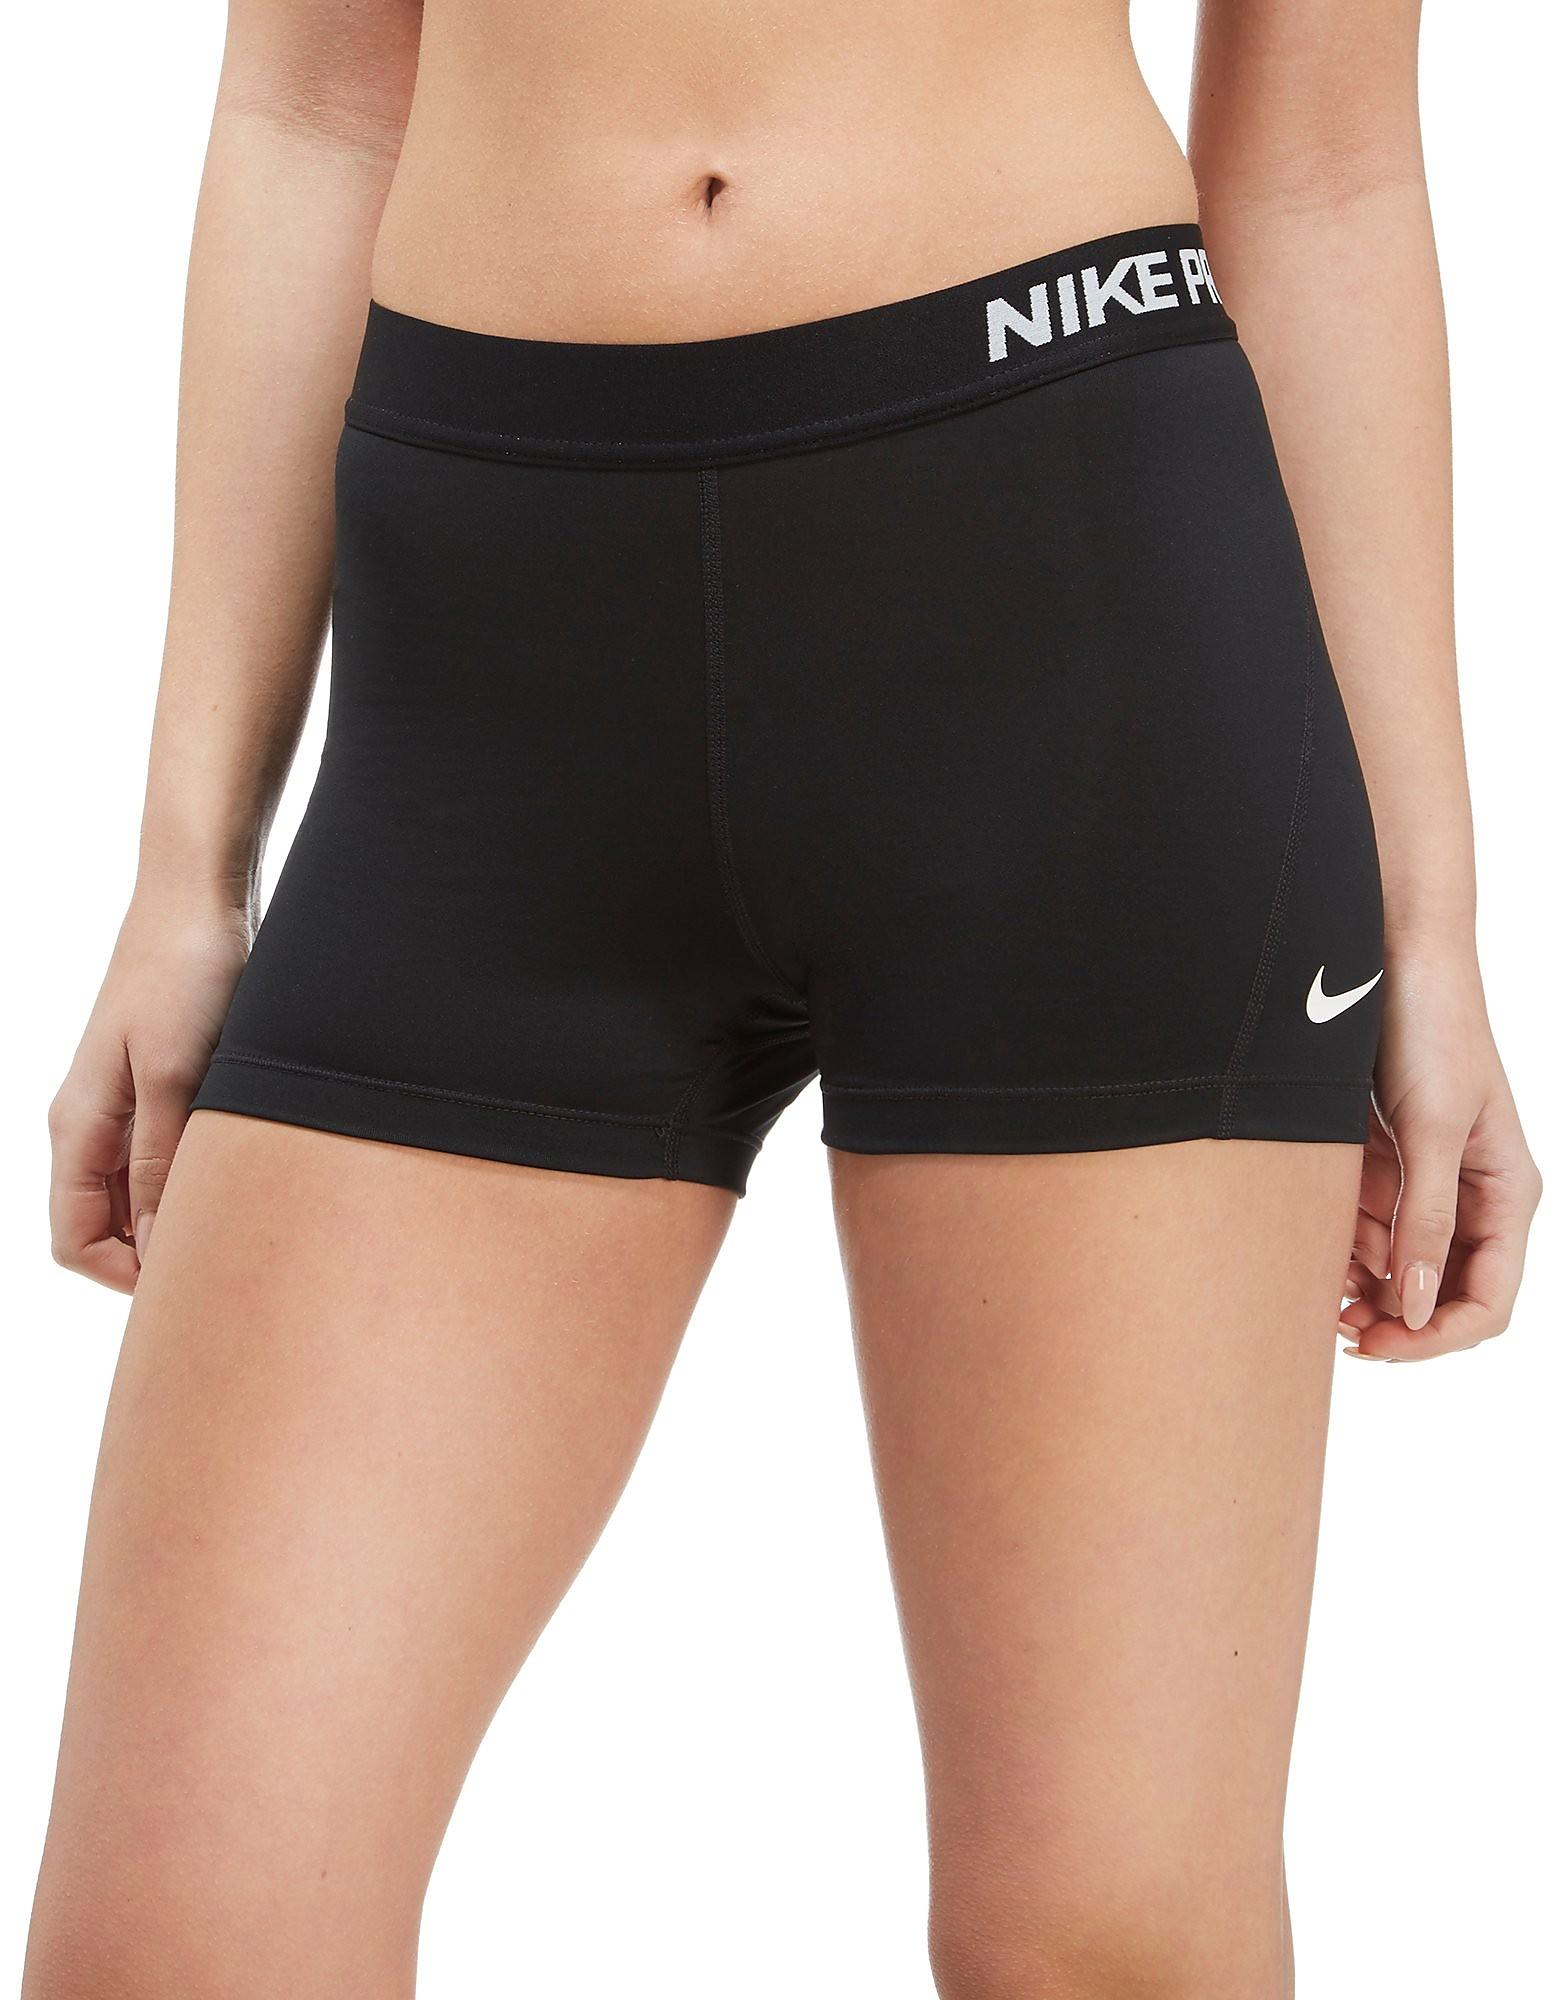 Nike Pro Shorts (7,6cm)